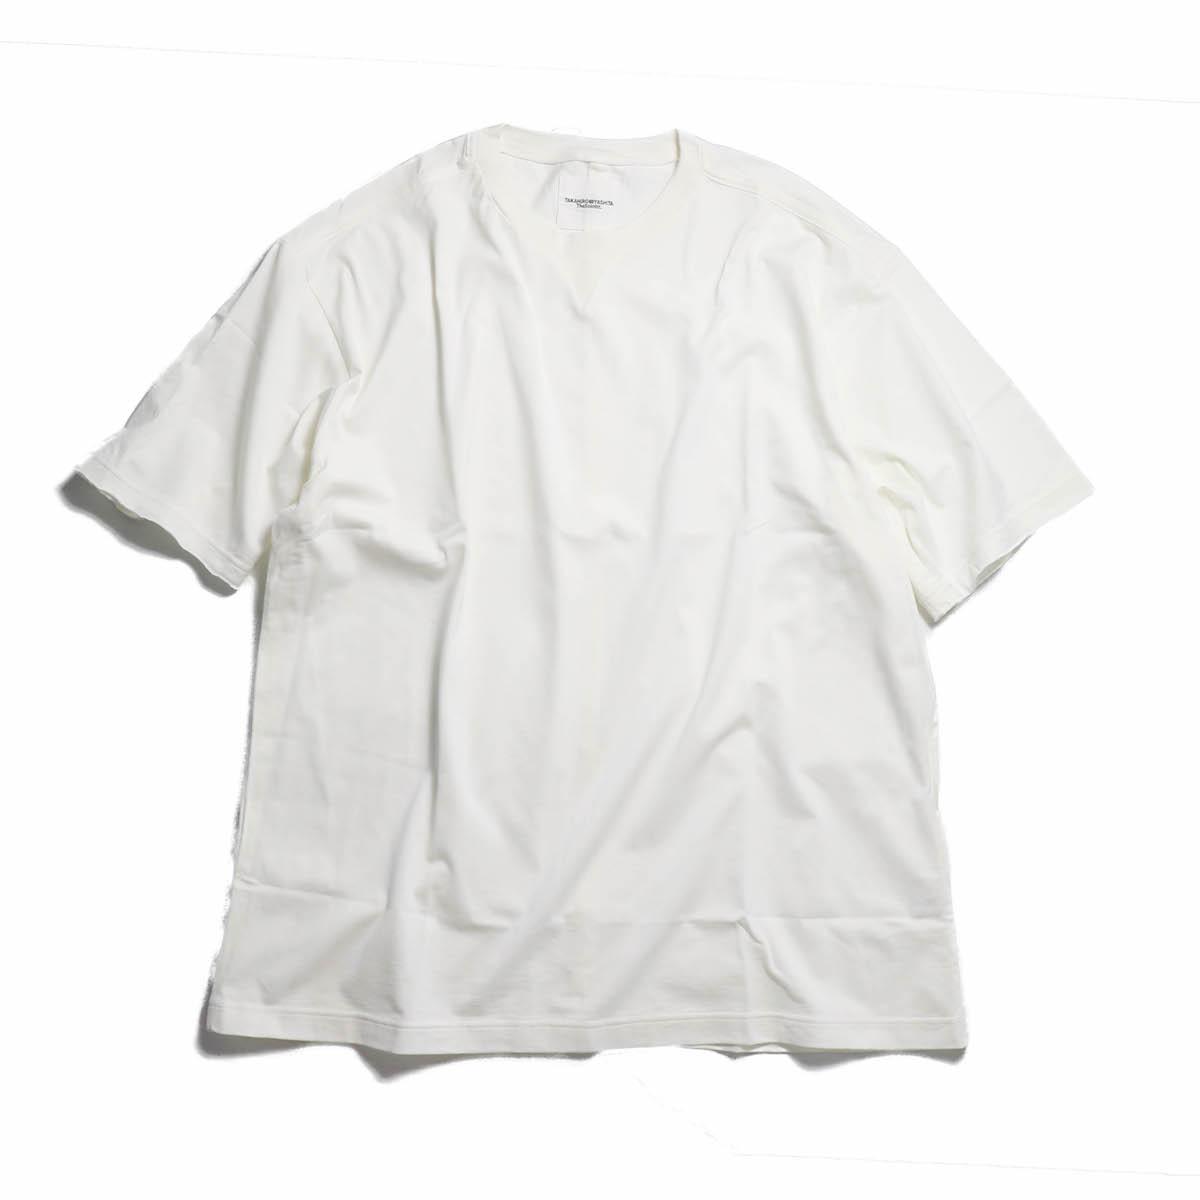 TAKAHIRO MIYASHITA The Soloist. / swc.0024aSS18 oversized crew neck s/s tee. -WHITE